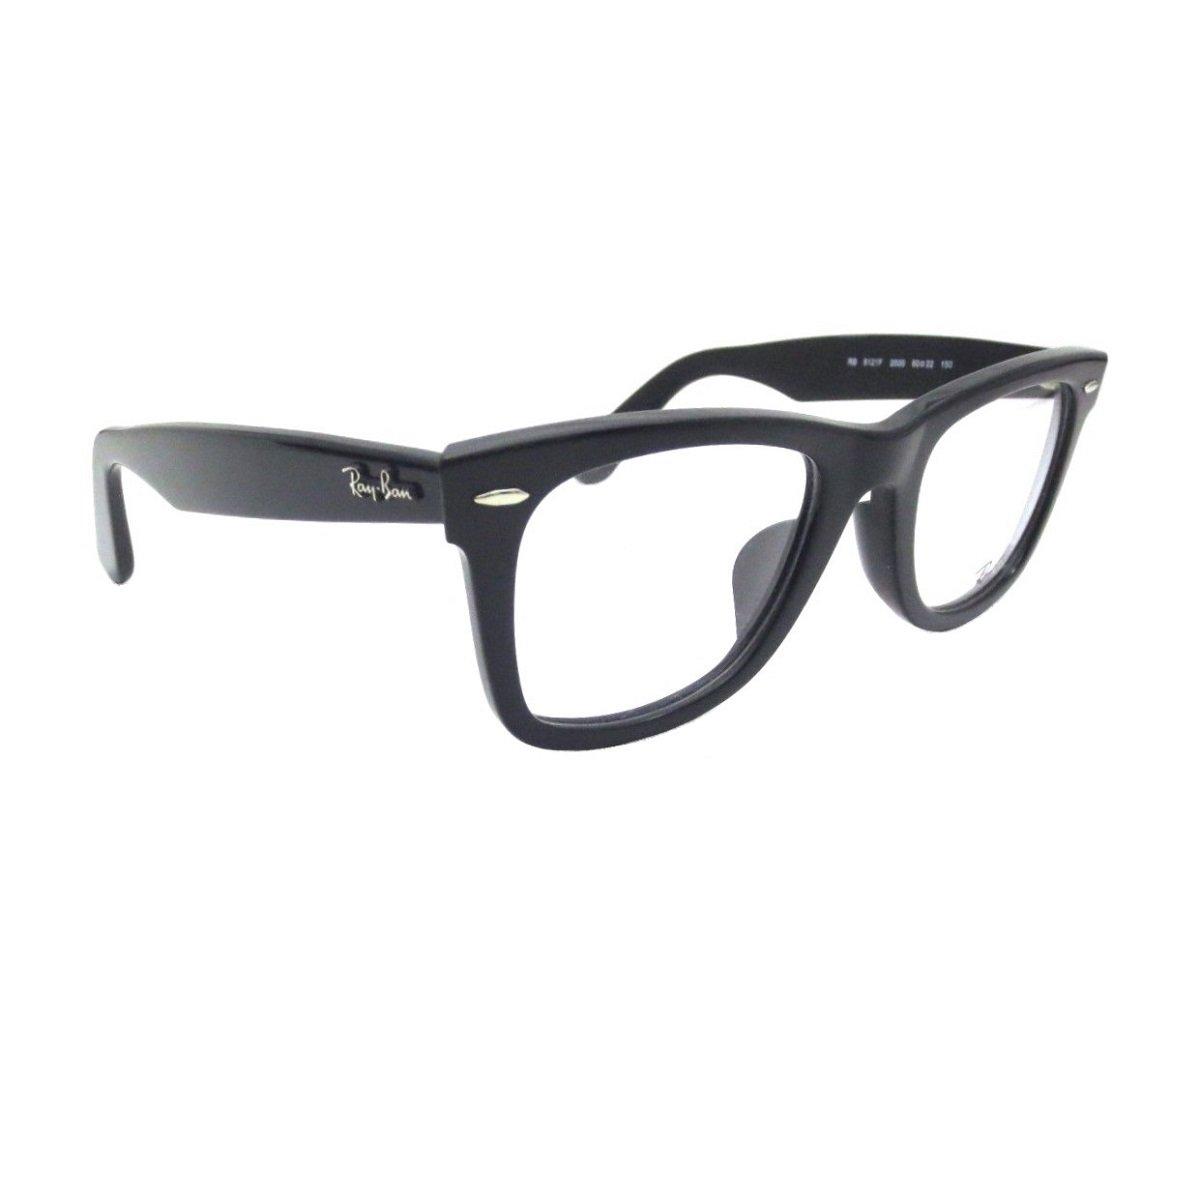 ■レンズセット商品■ RX5121F 2000 レイバン スマート老眼鏡 ブルーライトカット+1.50 ブルーライト対応+1.50  B07B65844N